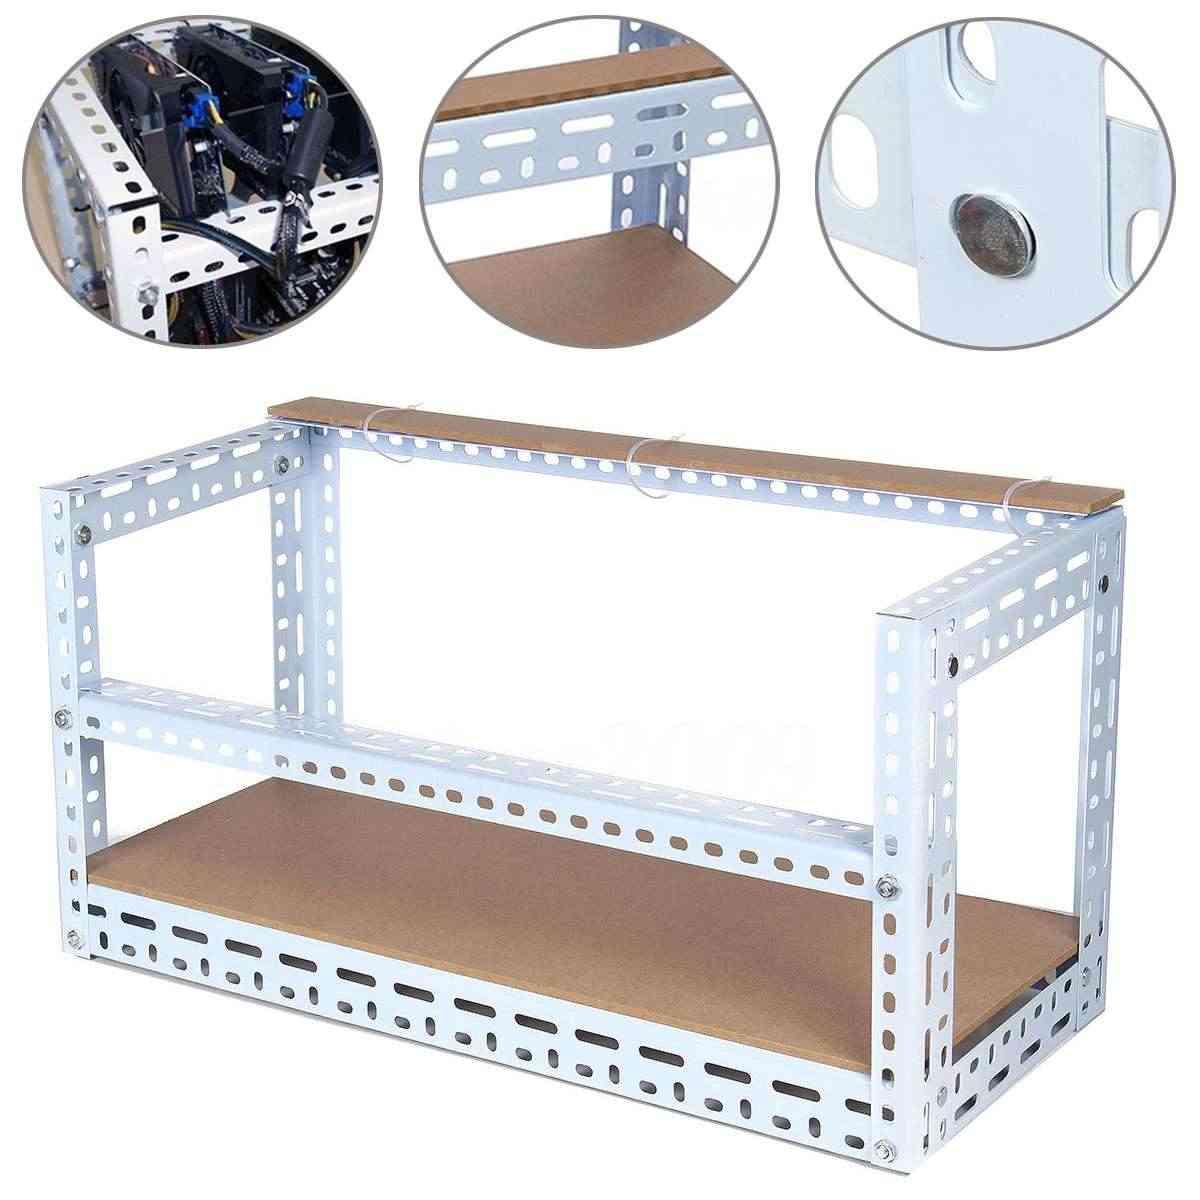 Nieuwe DIY Staal Stapelbaar Mijnwerker Frame Case 6GPU Mijnbouw Rig Frame 70 cm * 30 cm * 45 cm voor bitcoin BTC Mining Crypto Machine Wit